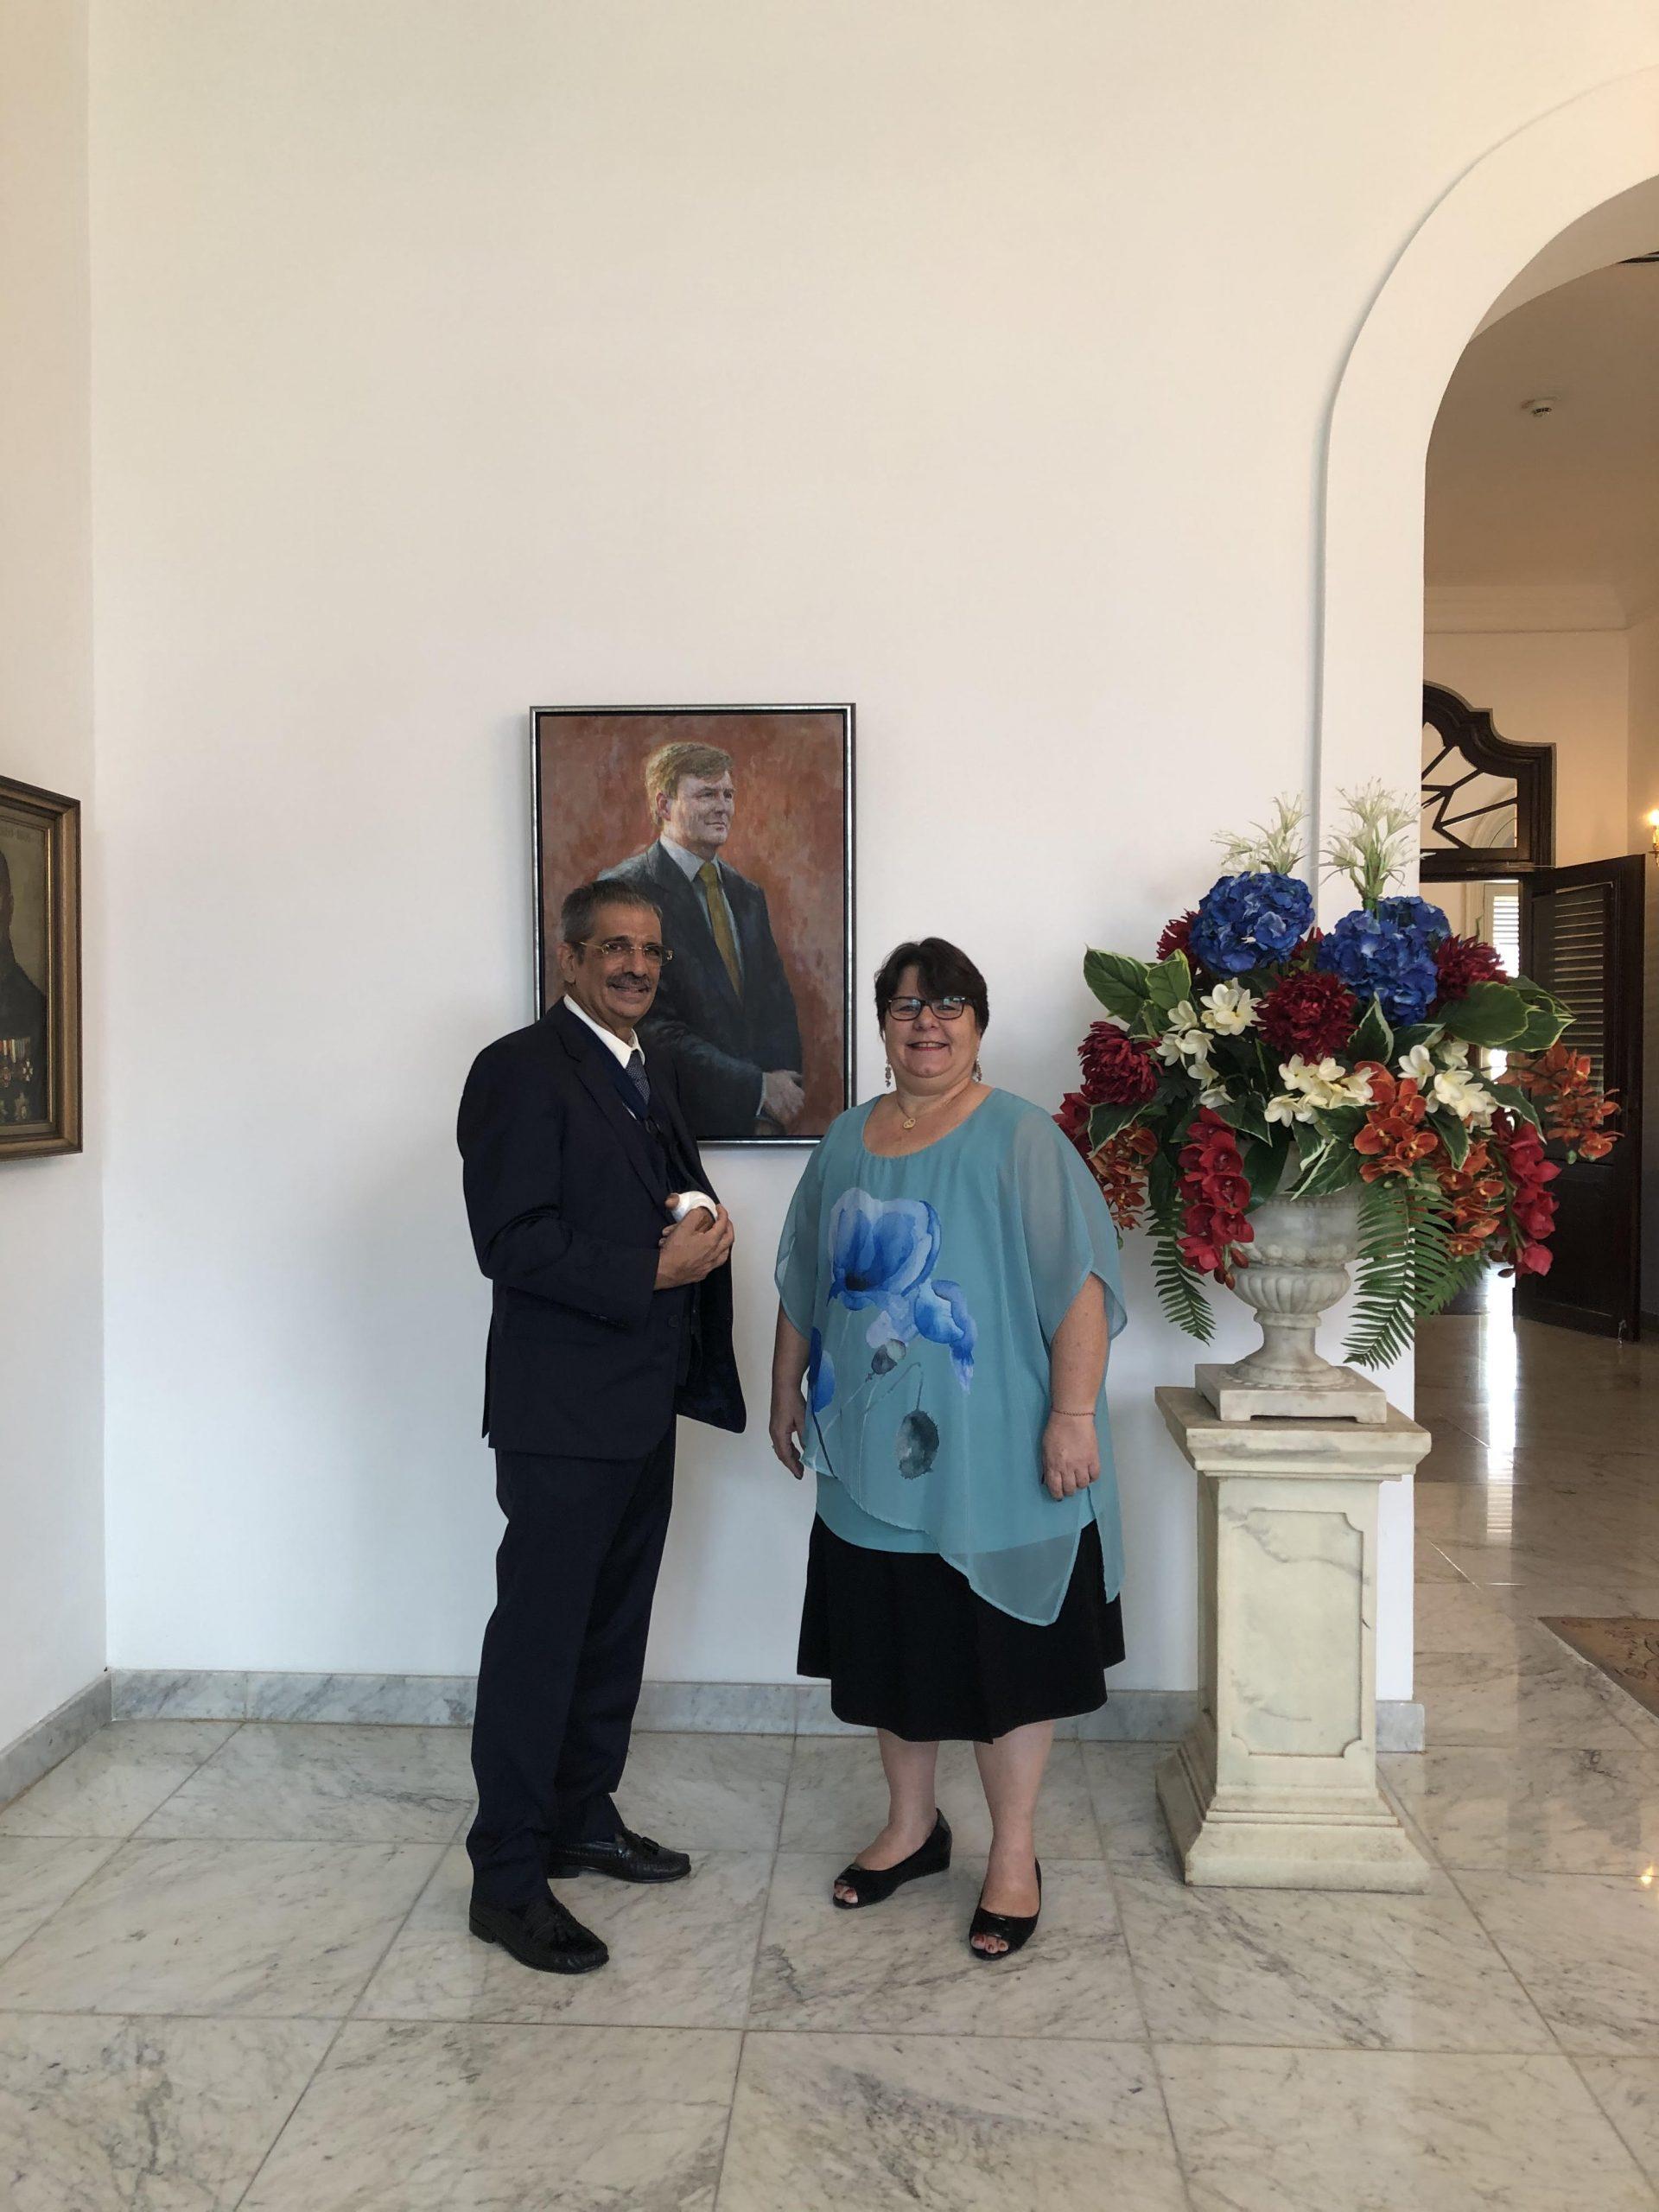 Op de foto: De waarnemend Gouverneur van Curaçao, H.E. Michèle Russel-Capriles en de heer Shaheen Elhage.